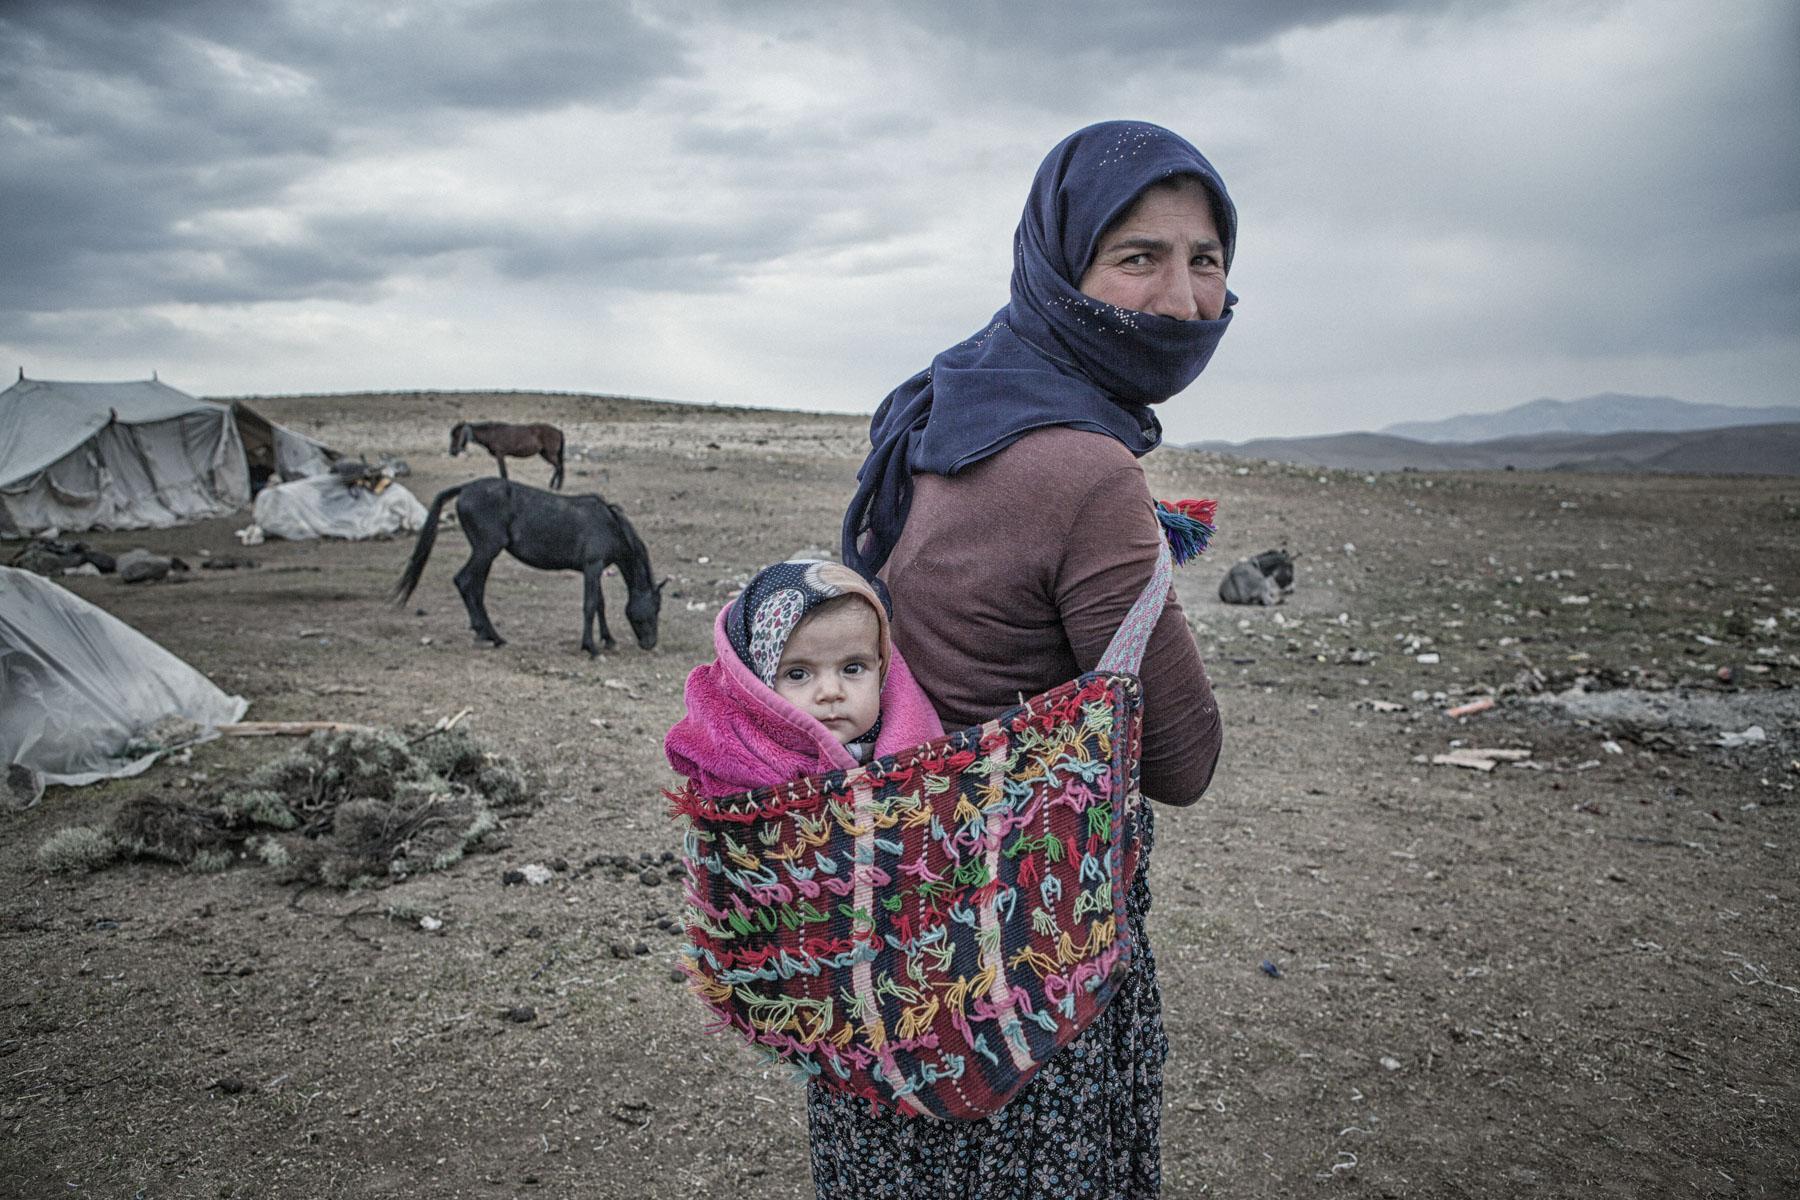 Nadir_Bucan_Nomads of Eastern Anatolia_05_5.jpg